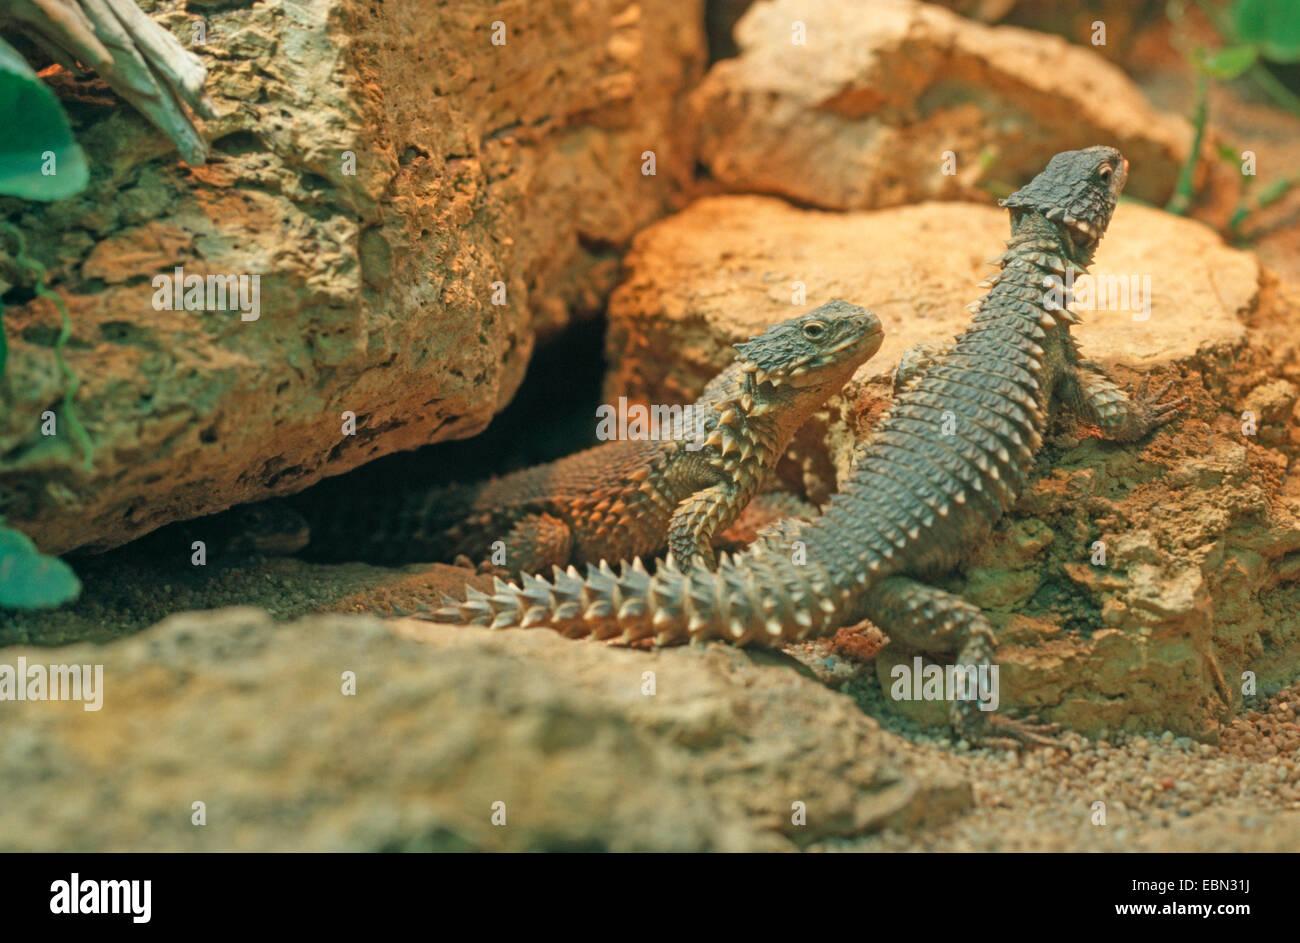 Sungazer, rodeado gigante lagarto gigante, gigante lagarto spinytail zonure (Cordylus giganteus), dos reptiles sentados Imagen De Stock